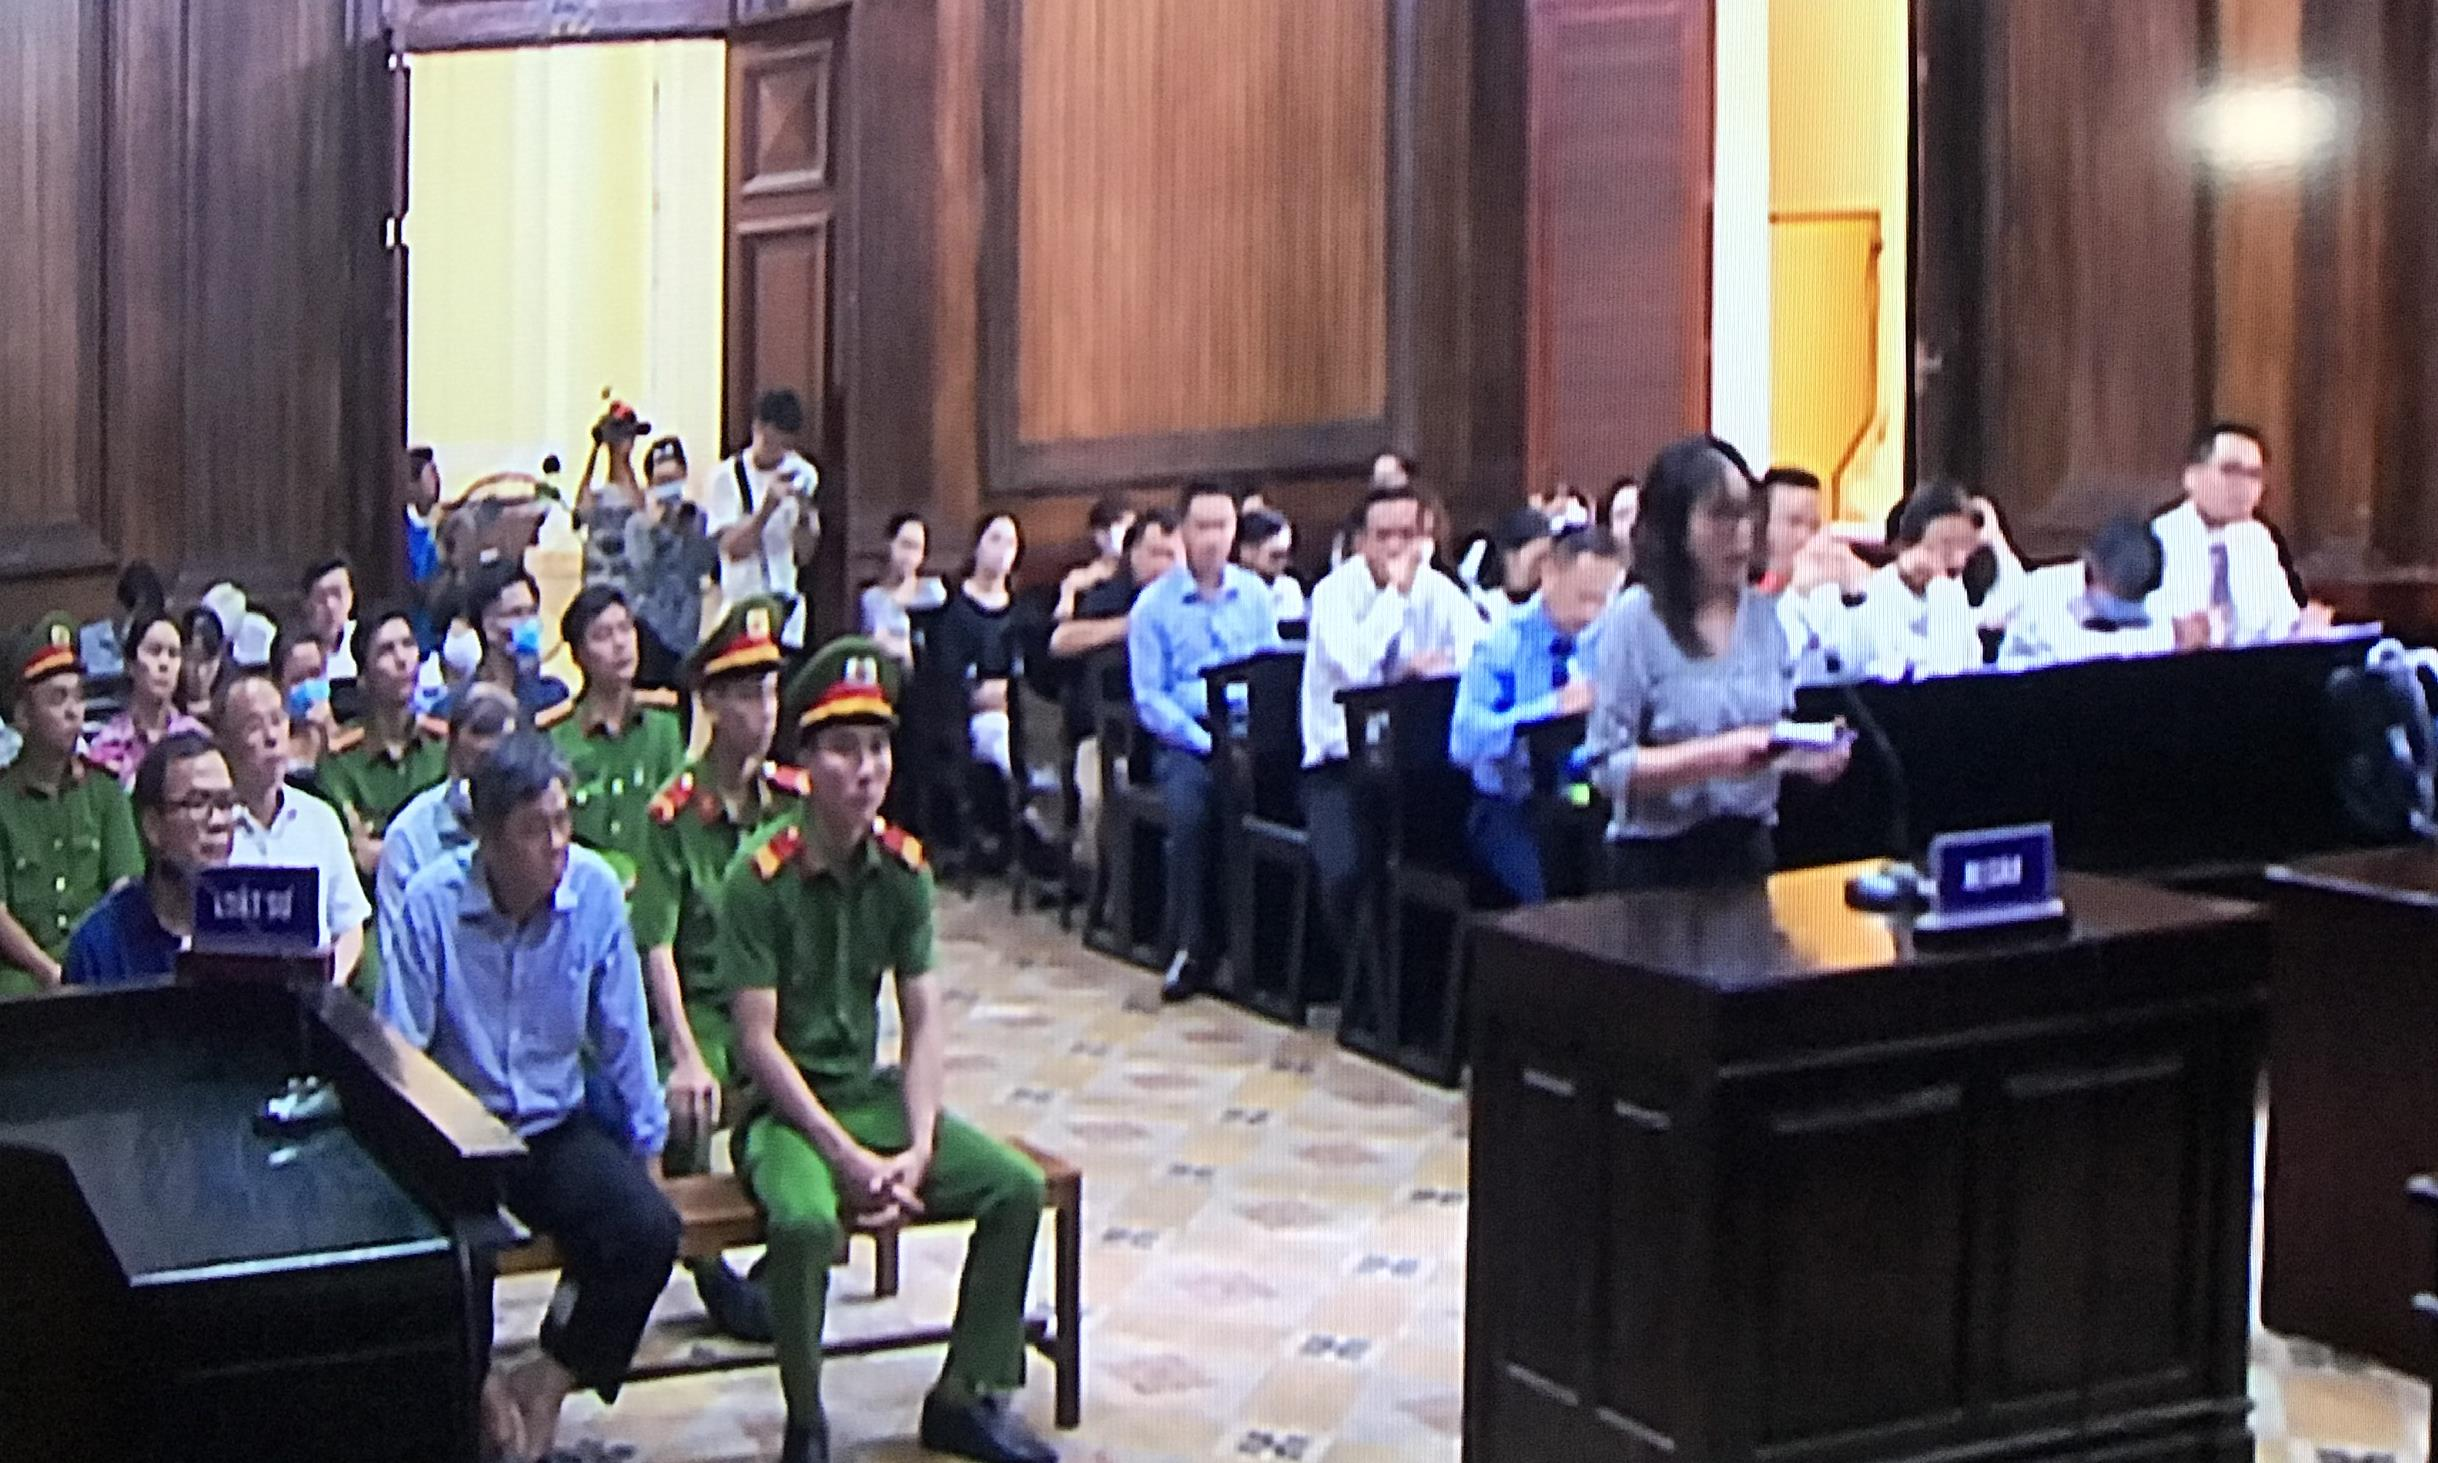 Bị cáo Lê Thị Thanh Thúy trình bày trước tòa sáng nay trong phần tranh tụng